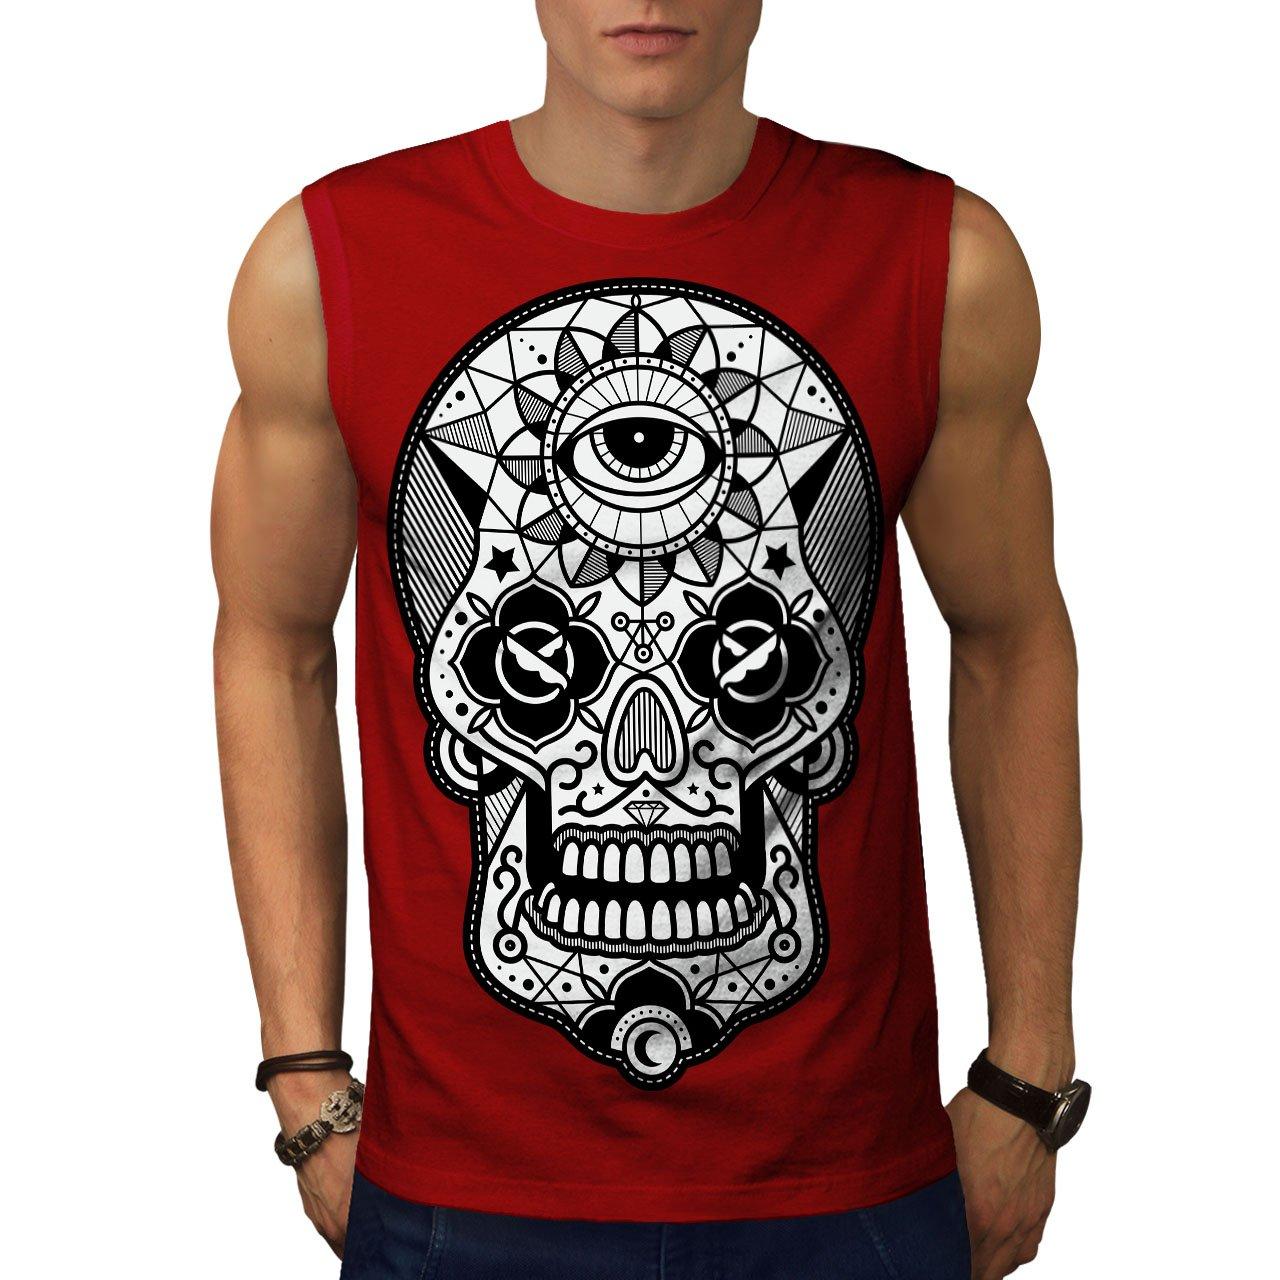 Wellcoda Mens Sleevless T-Shirt, Face Active Top Shirt